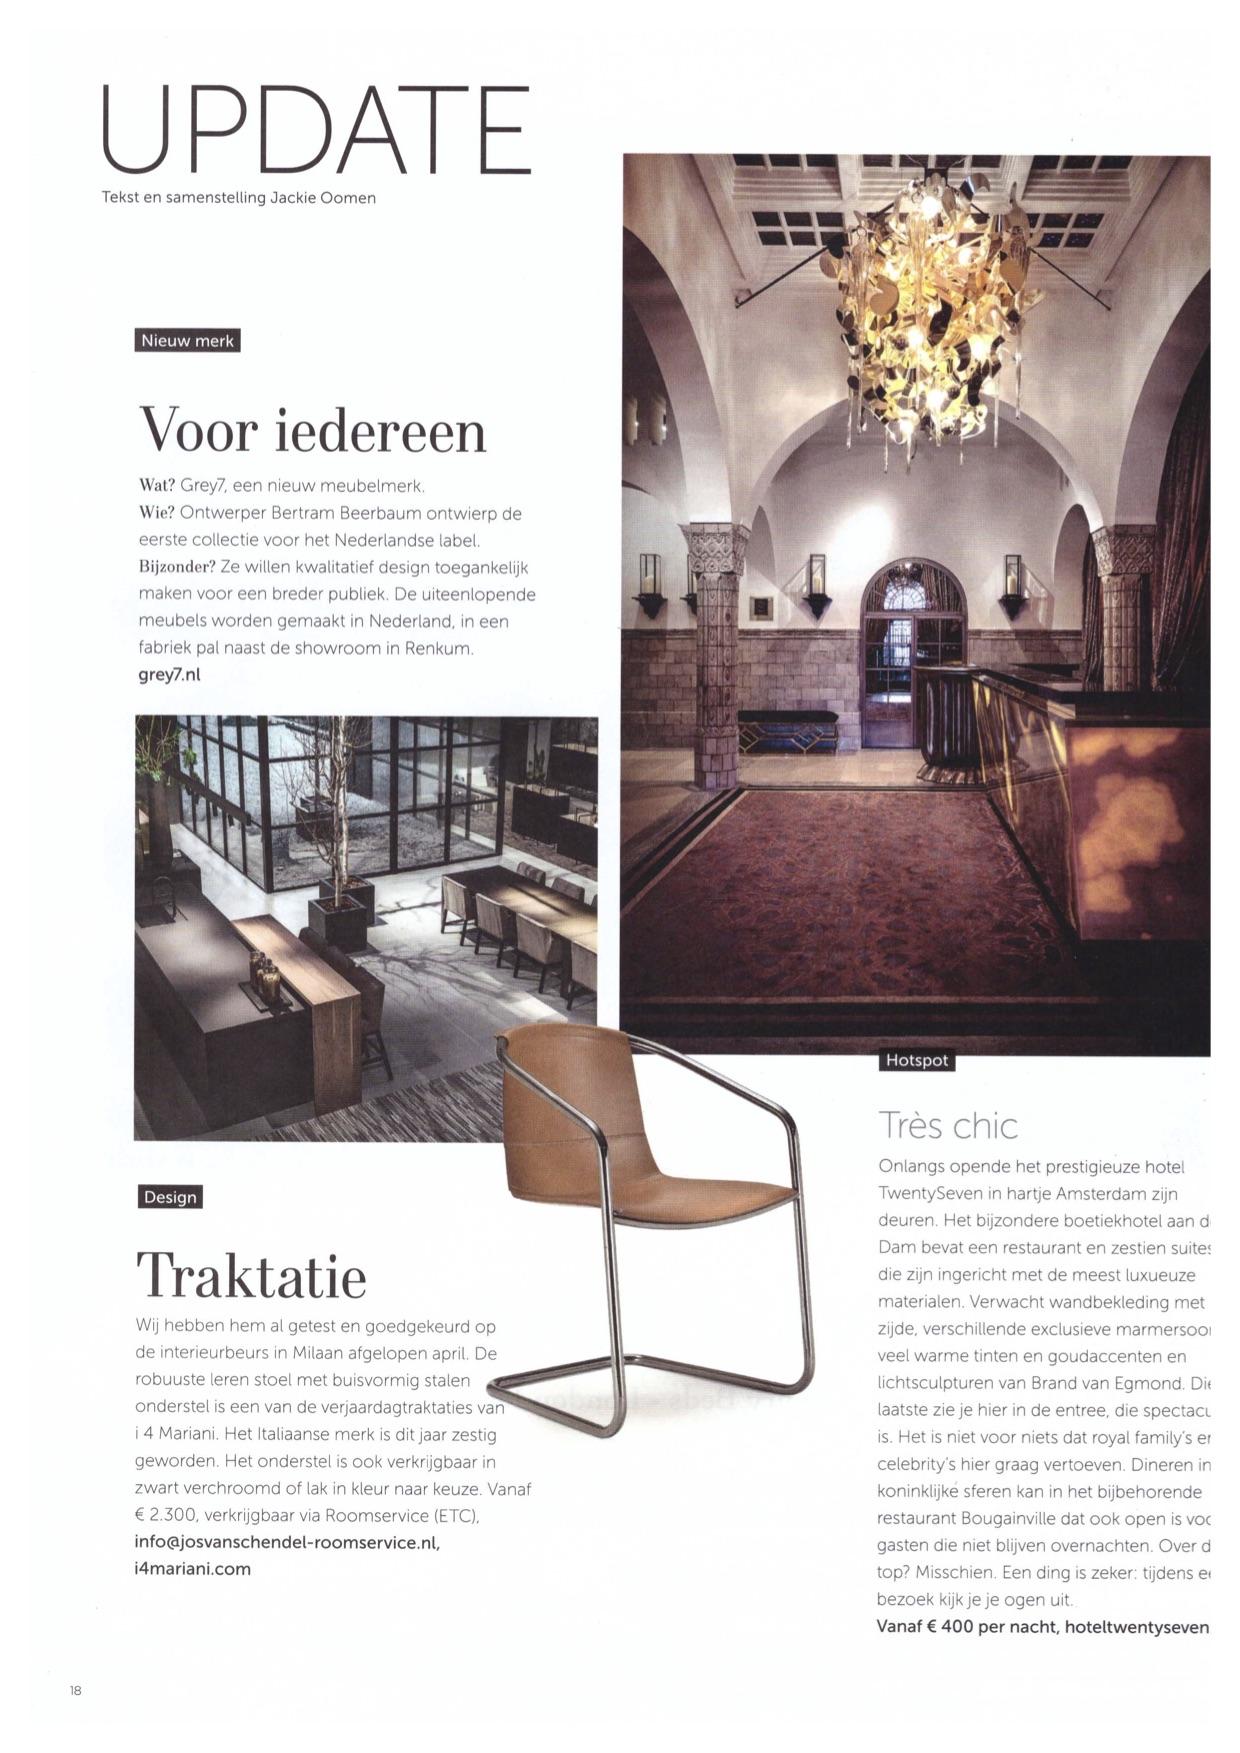 Showroom Meubels Design.Press Area I 4 Mariani S R L